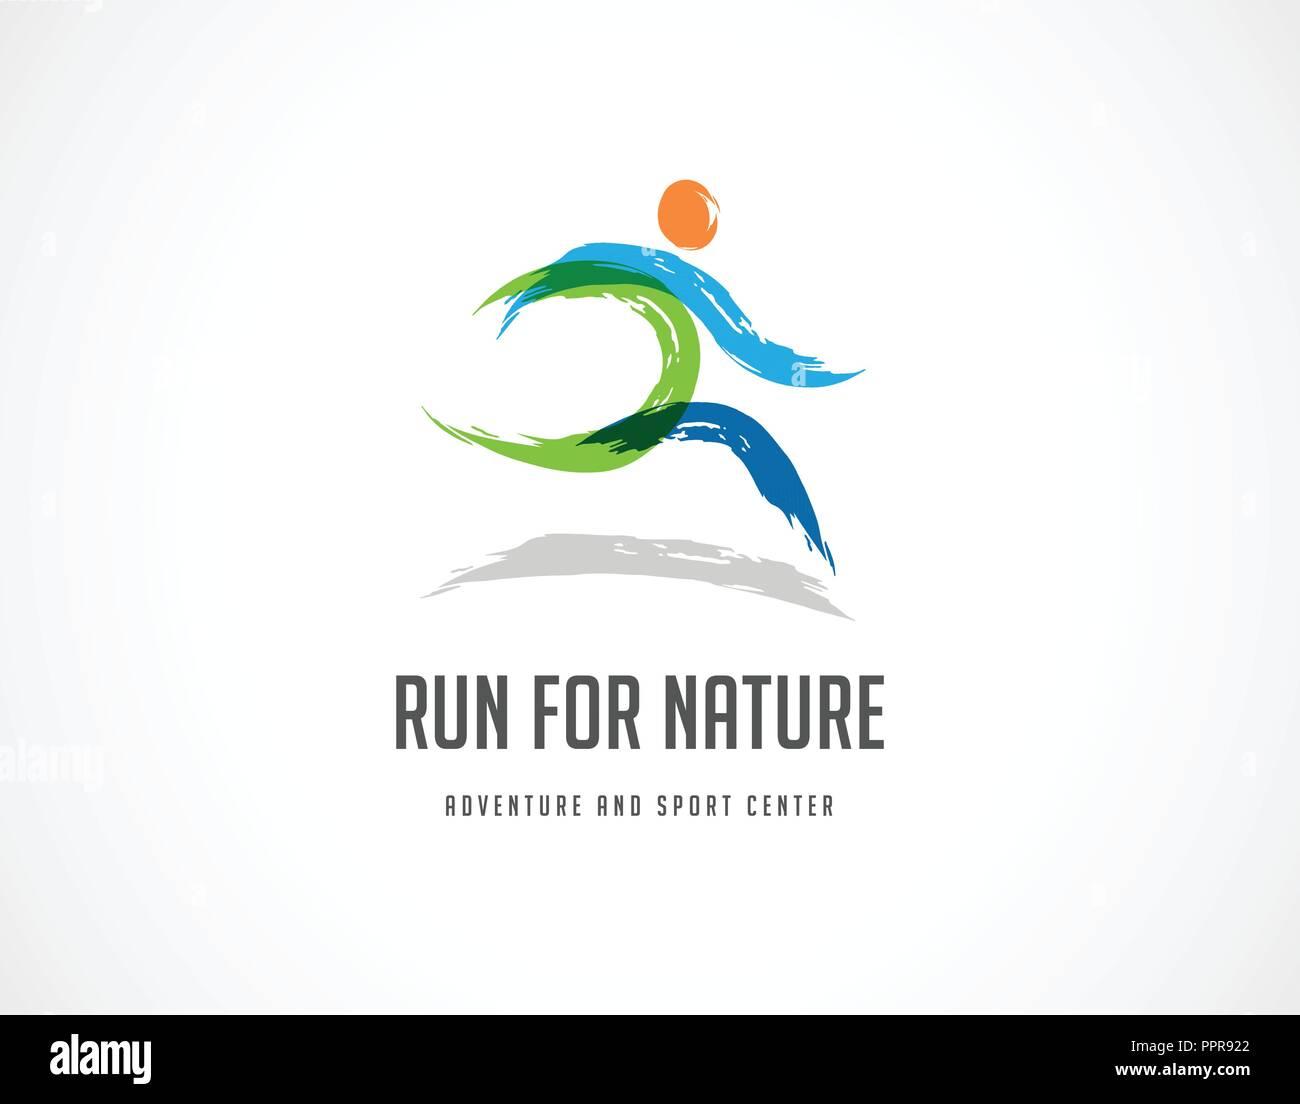 Sport Shoe Icon Stockfotos & Sport Shoe Icon Bilder Seite